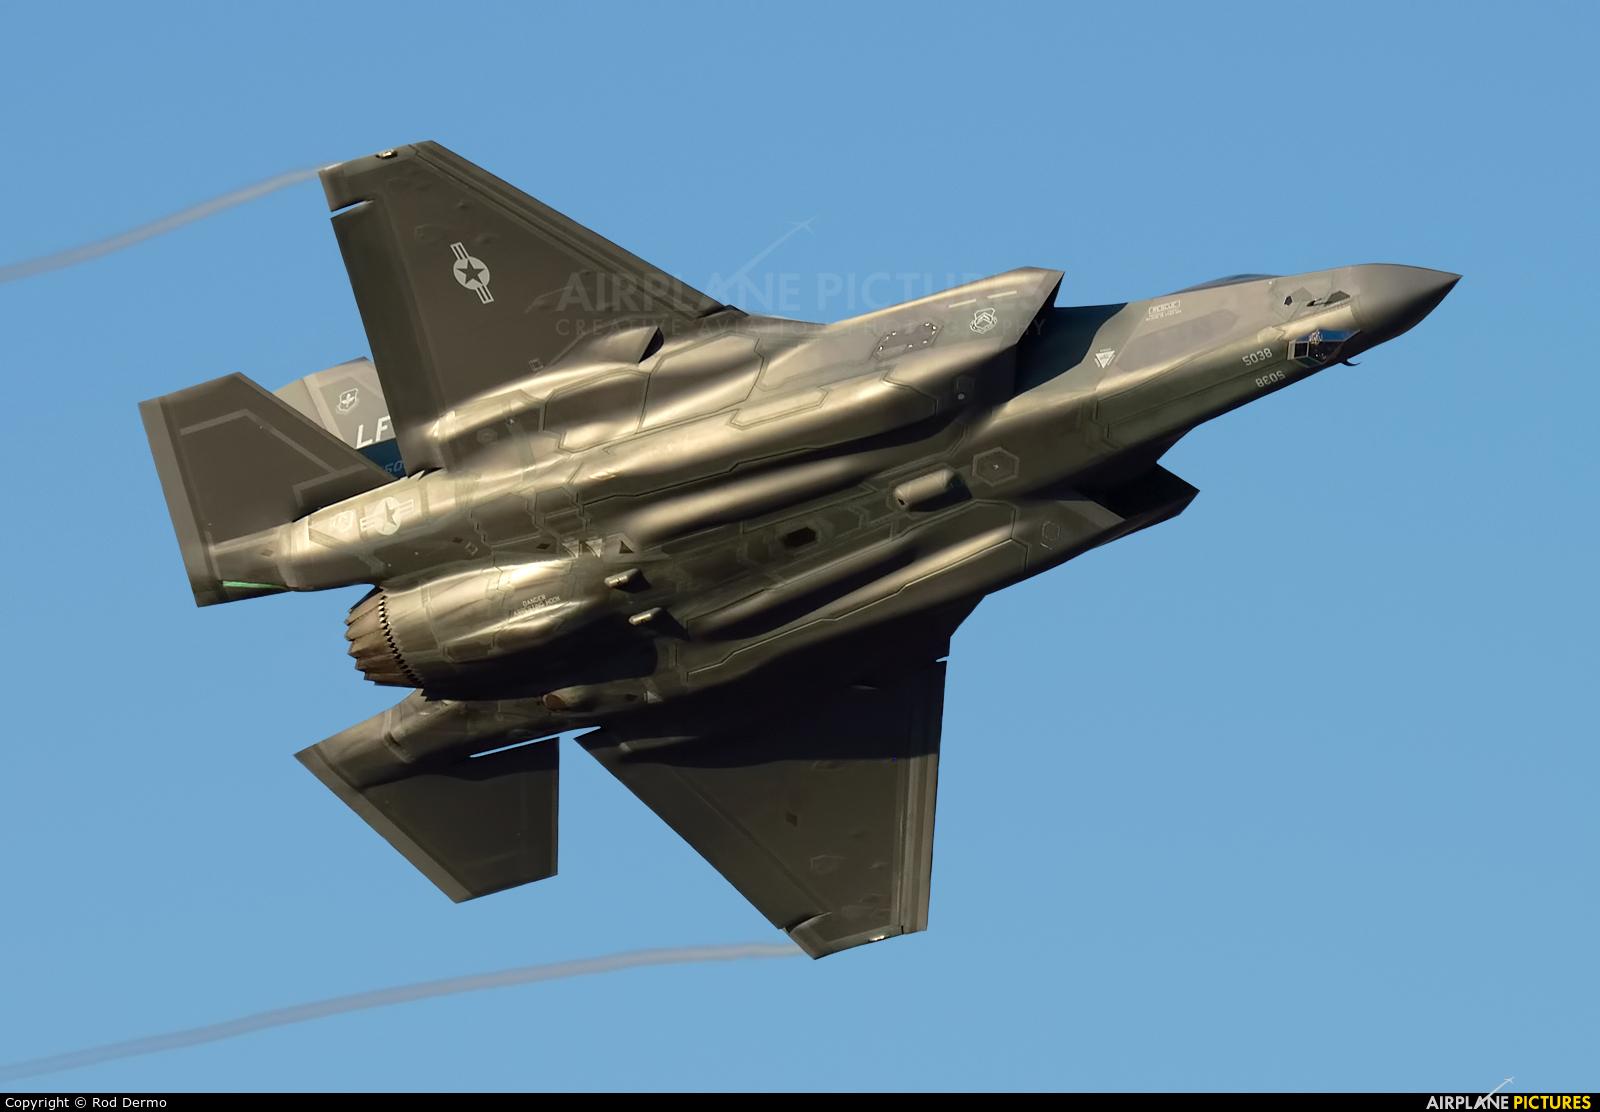 USA - Air Force 11-5038 aircraft at London  Intl, ON